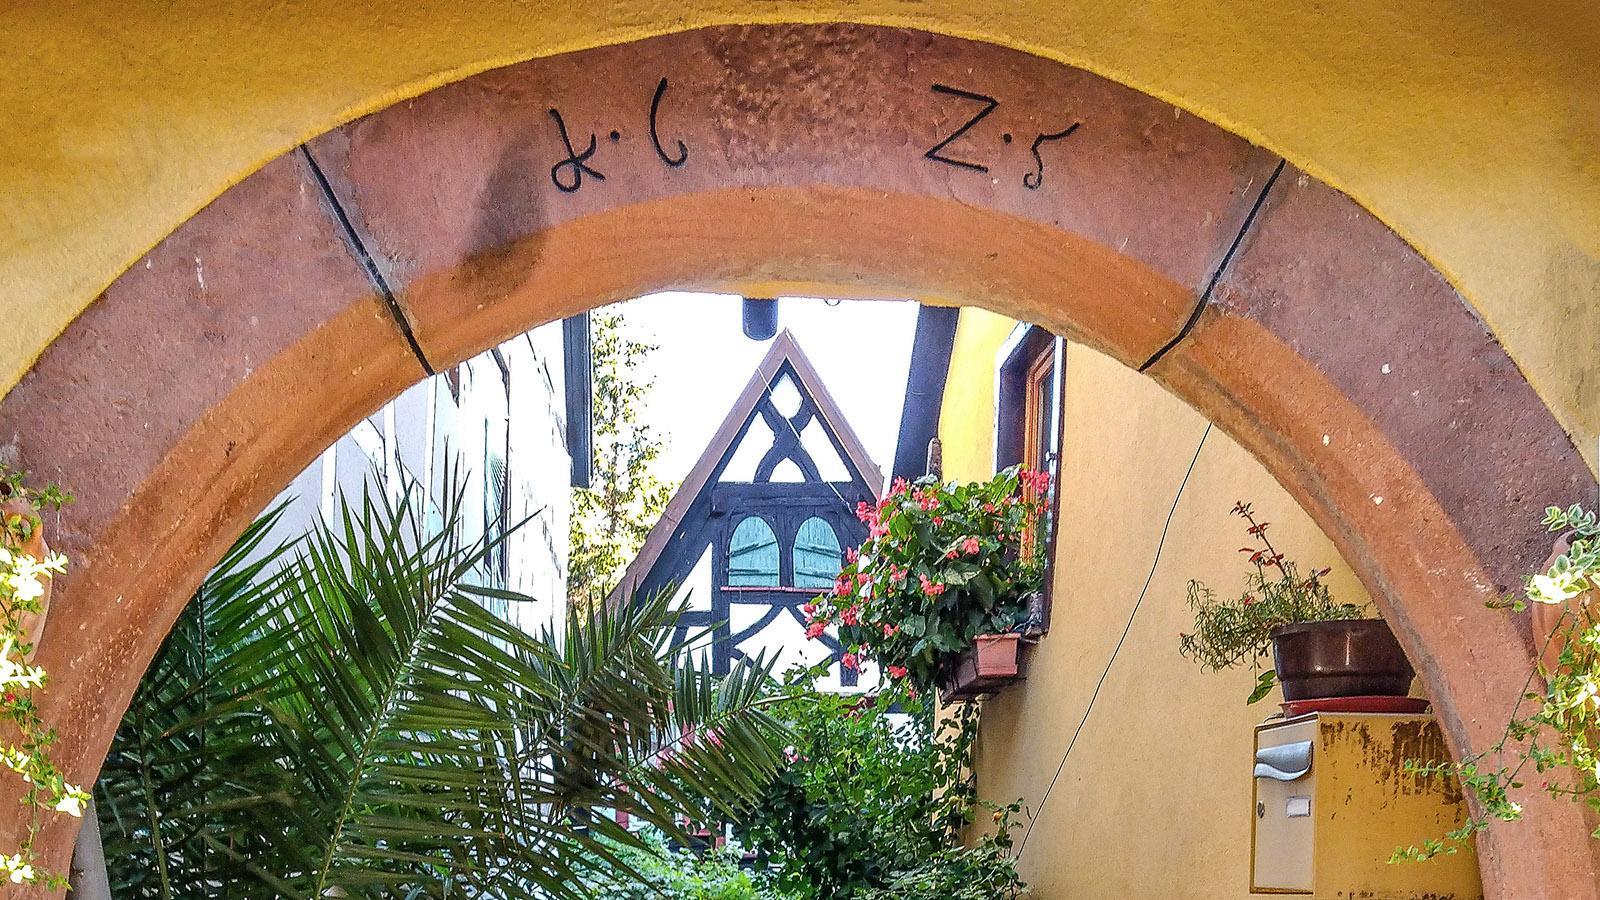 Einer der zahlreichen Innenhöfe der Elsässer Häuser, durch den typischen Rundbogen des Eingangstors gesehen. Foto: Renate Dietzel